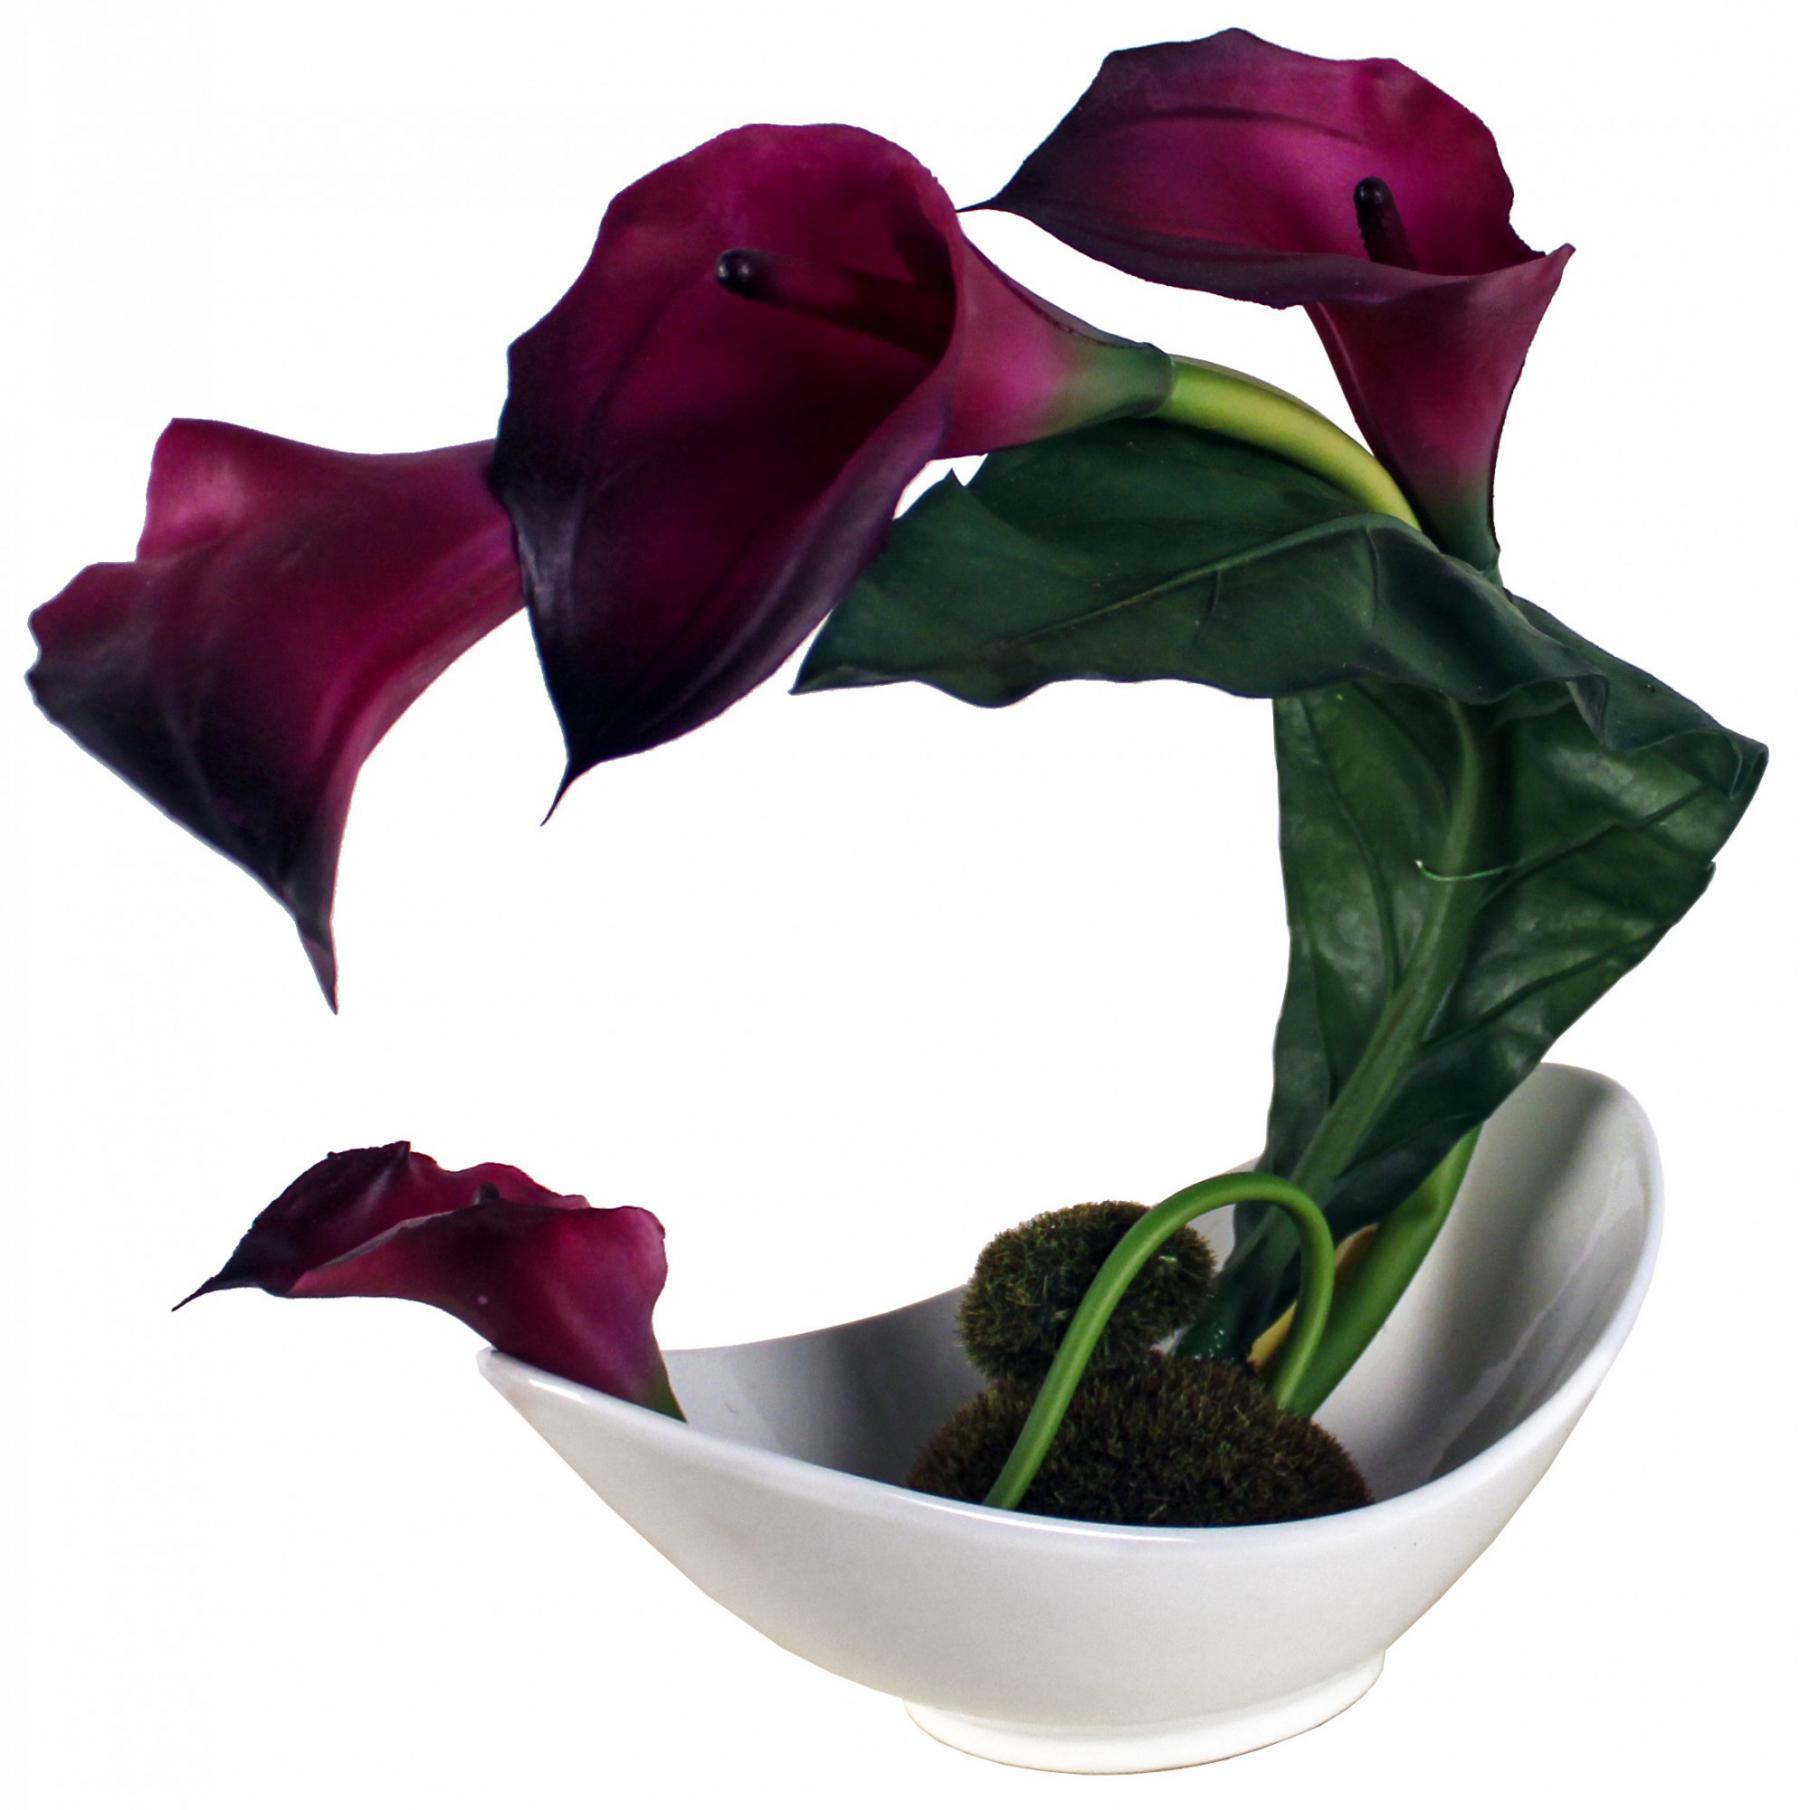 kunstblume in schale deko seidenblume blumen k nstliche blume kunstpflanze b1004 kaufen. Black Bedroom Furniture Sets. Home Design Ideas